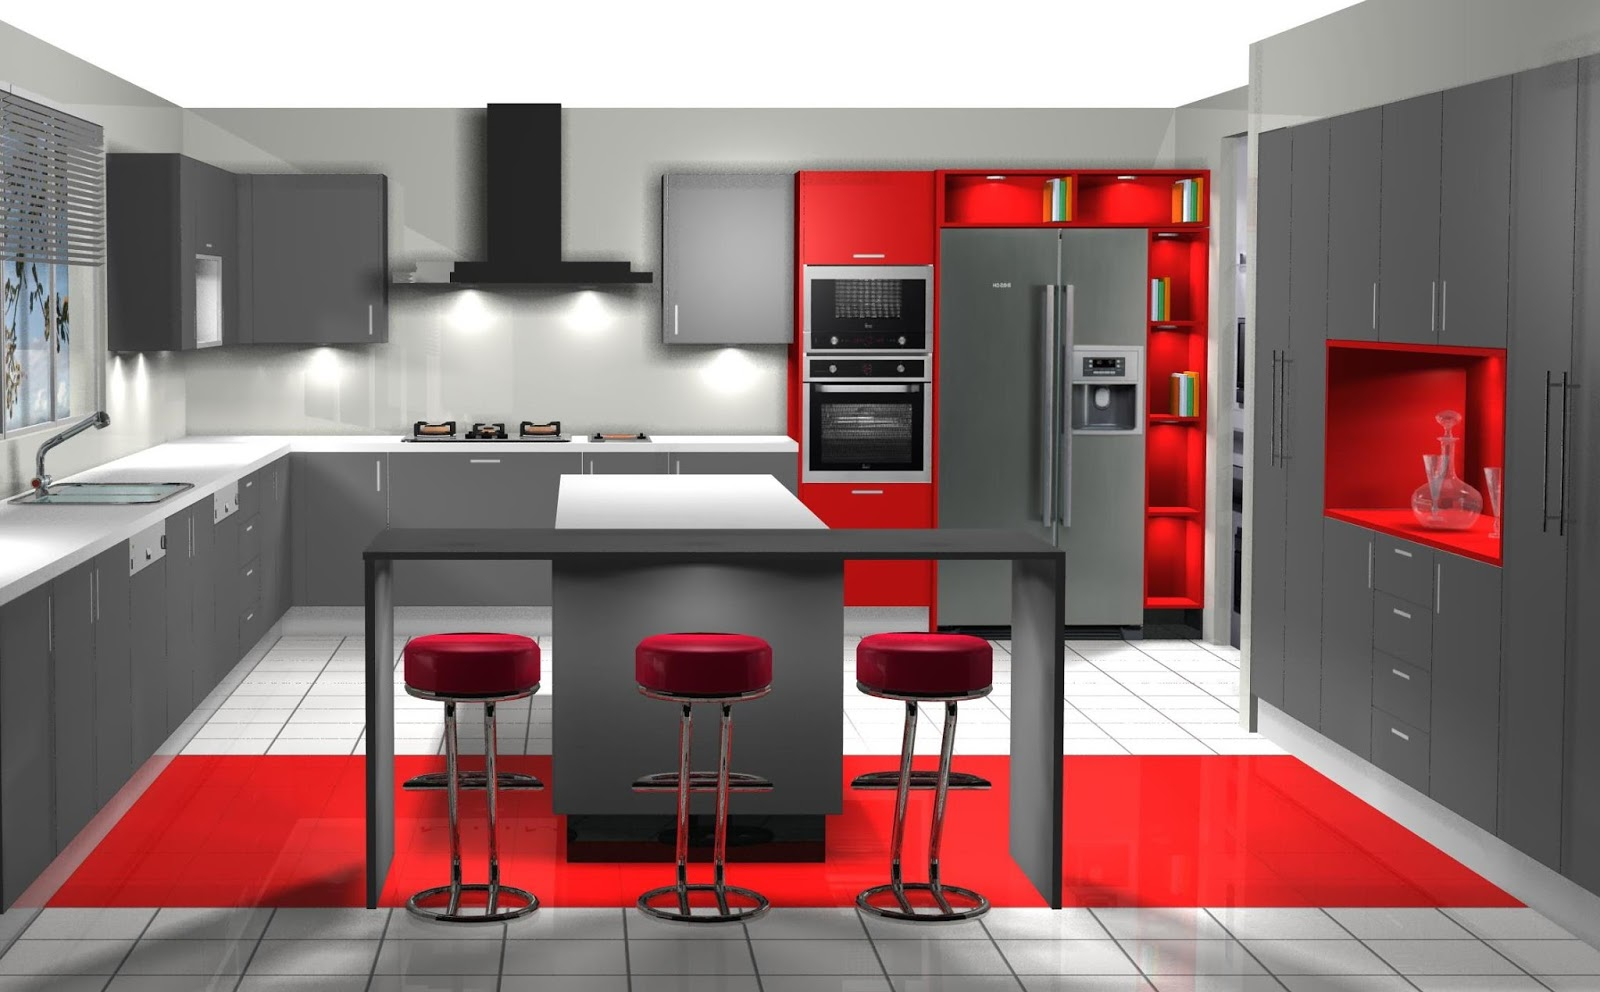 Diseno Muebles De Cocina Diseno De Cocina Laminado En Grafito - Diseos-de-muebles-de-cocina